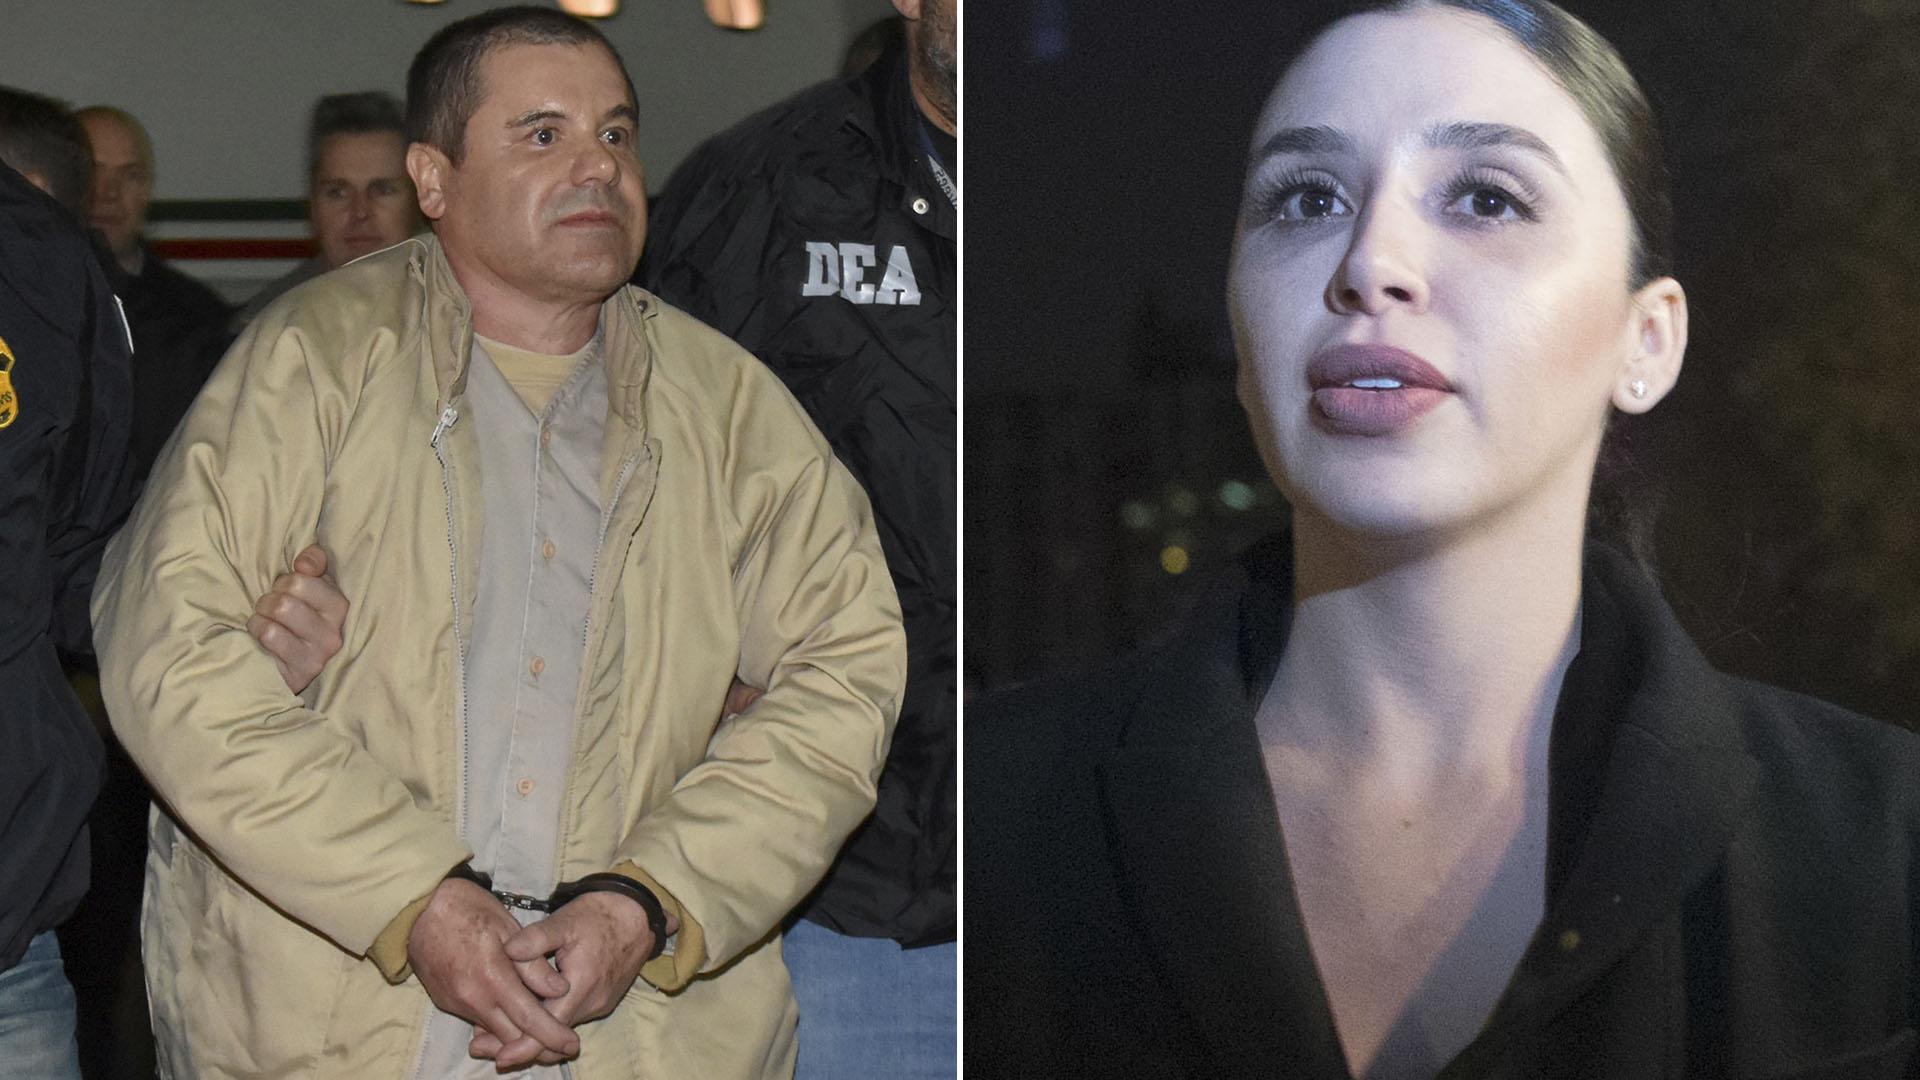 Al interior de la boda del Chapo Guzmán y Emma Coronel: así fue en palabras  de la ex reina de belleza - Infobae